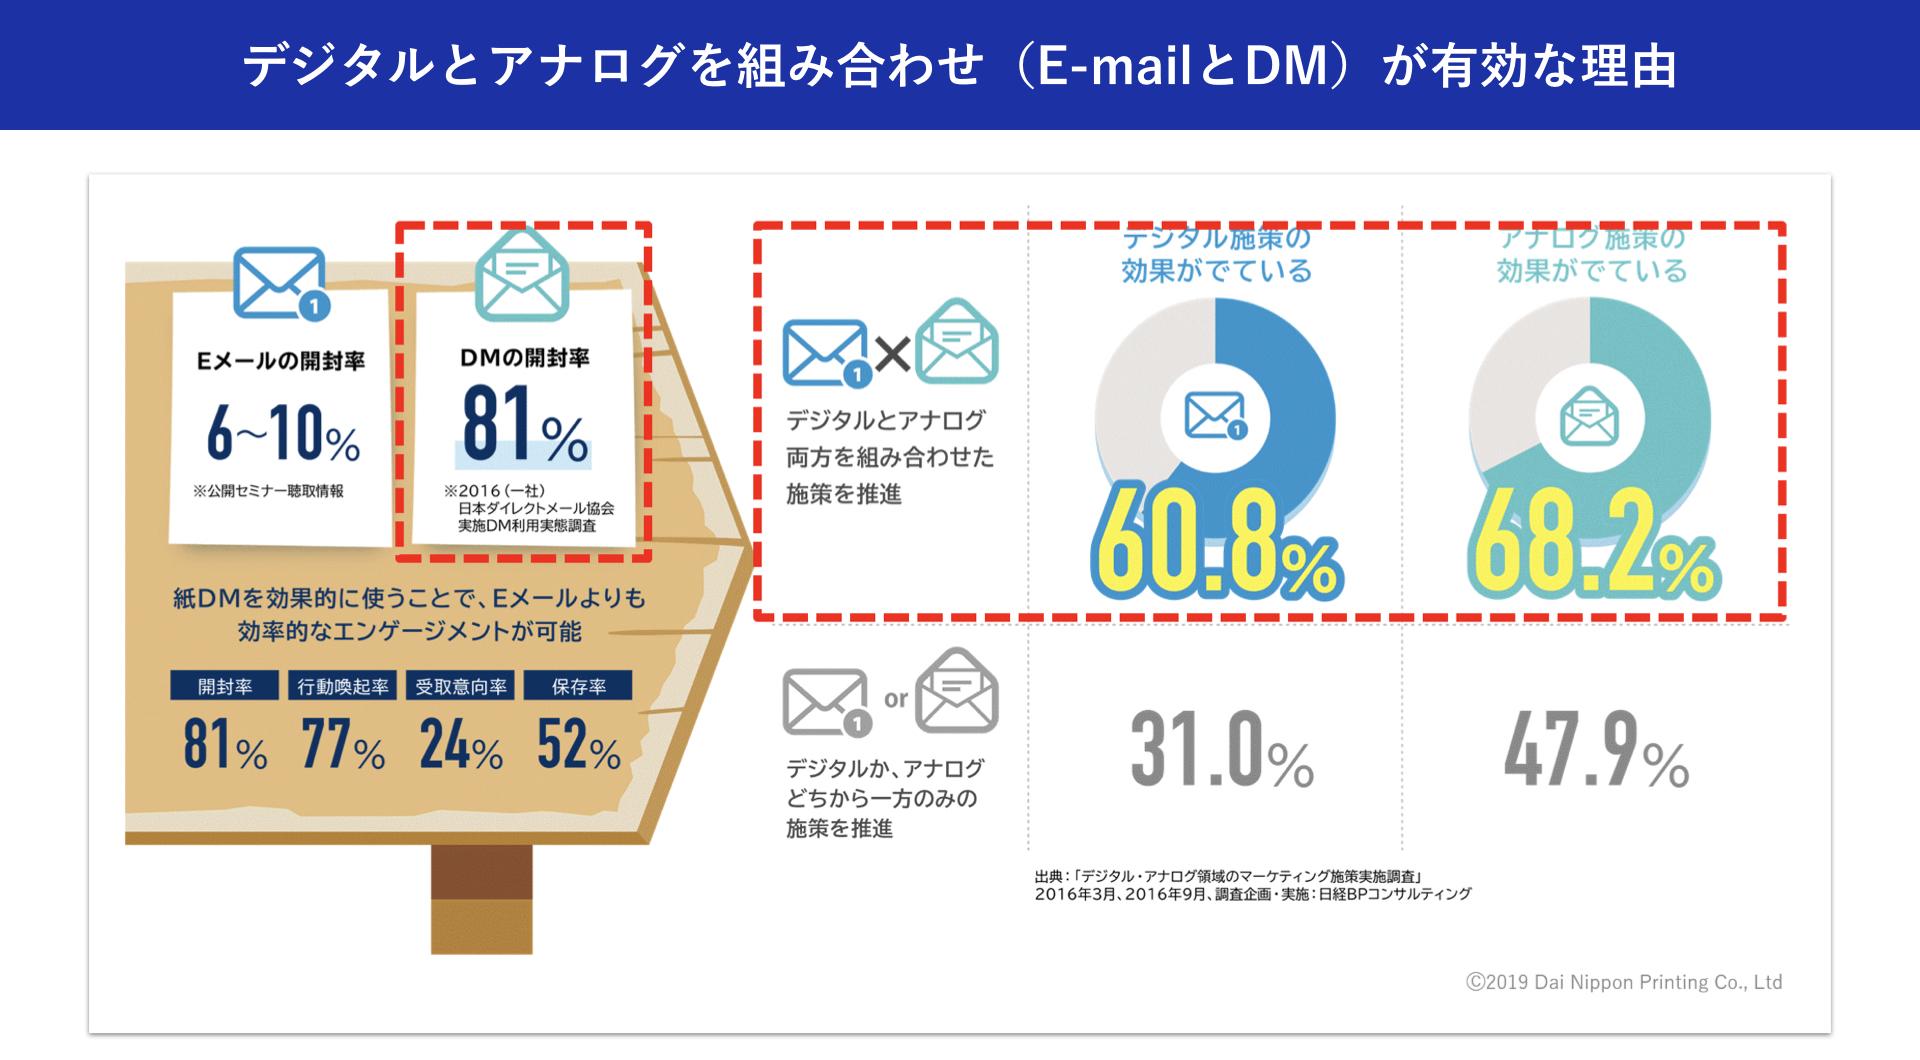 大日本印刷株式会社:加藤 綱貴 デジタルとアナログを組み合わせた(E-mailとDM)が有効な理由